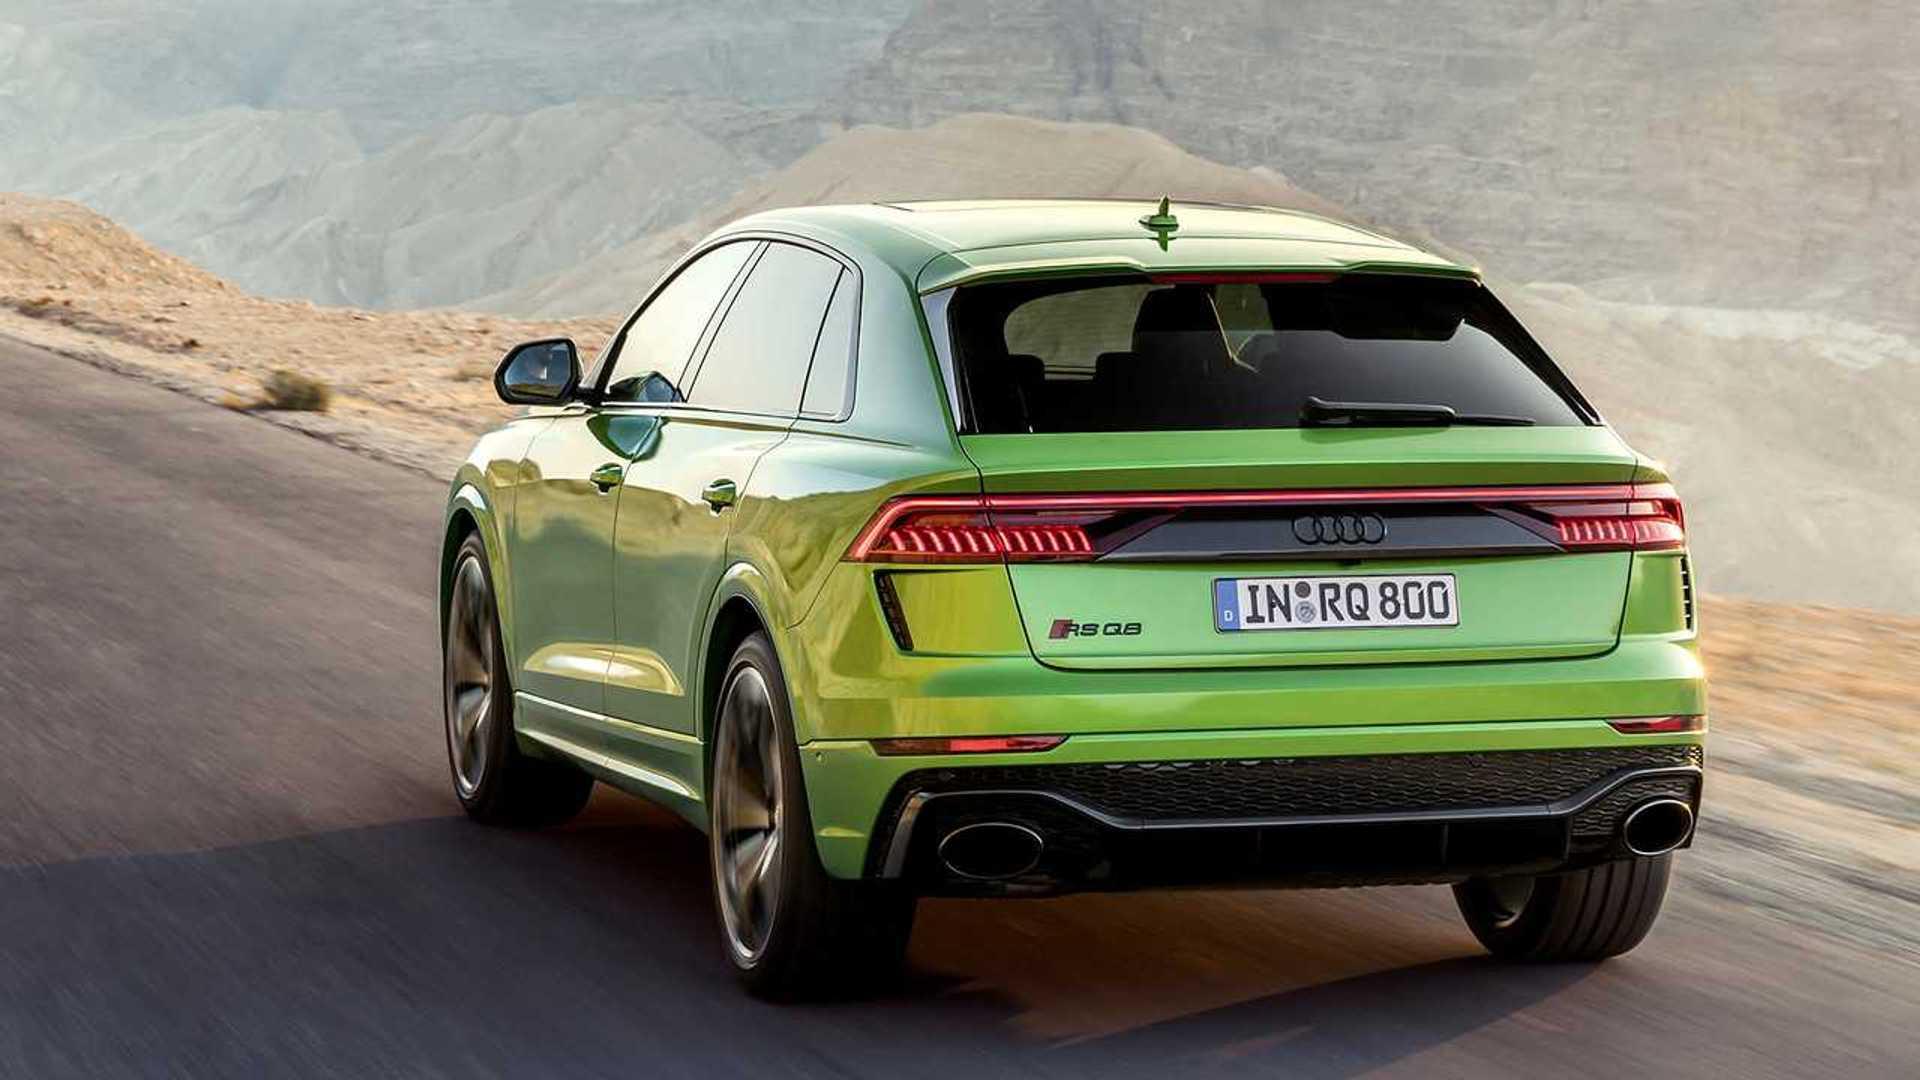 2020 Audi Q8 Model